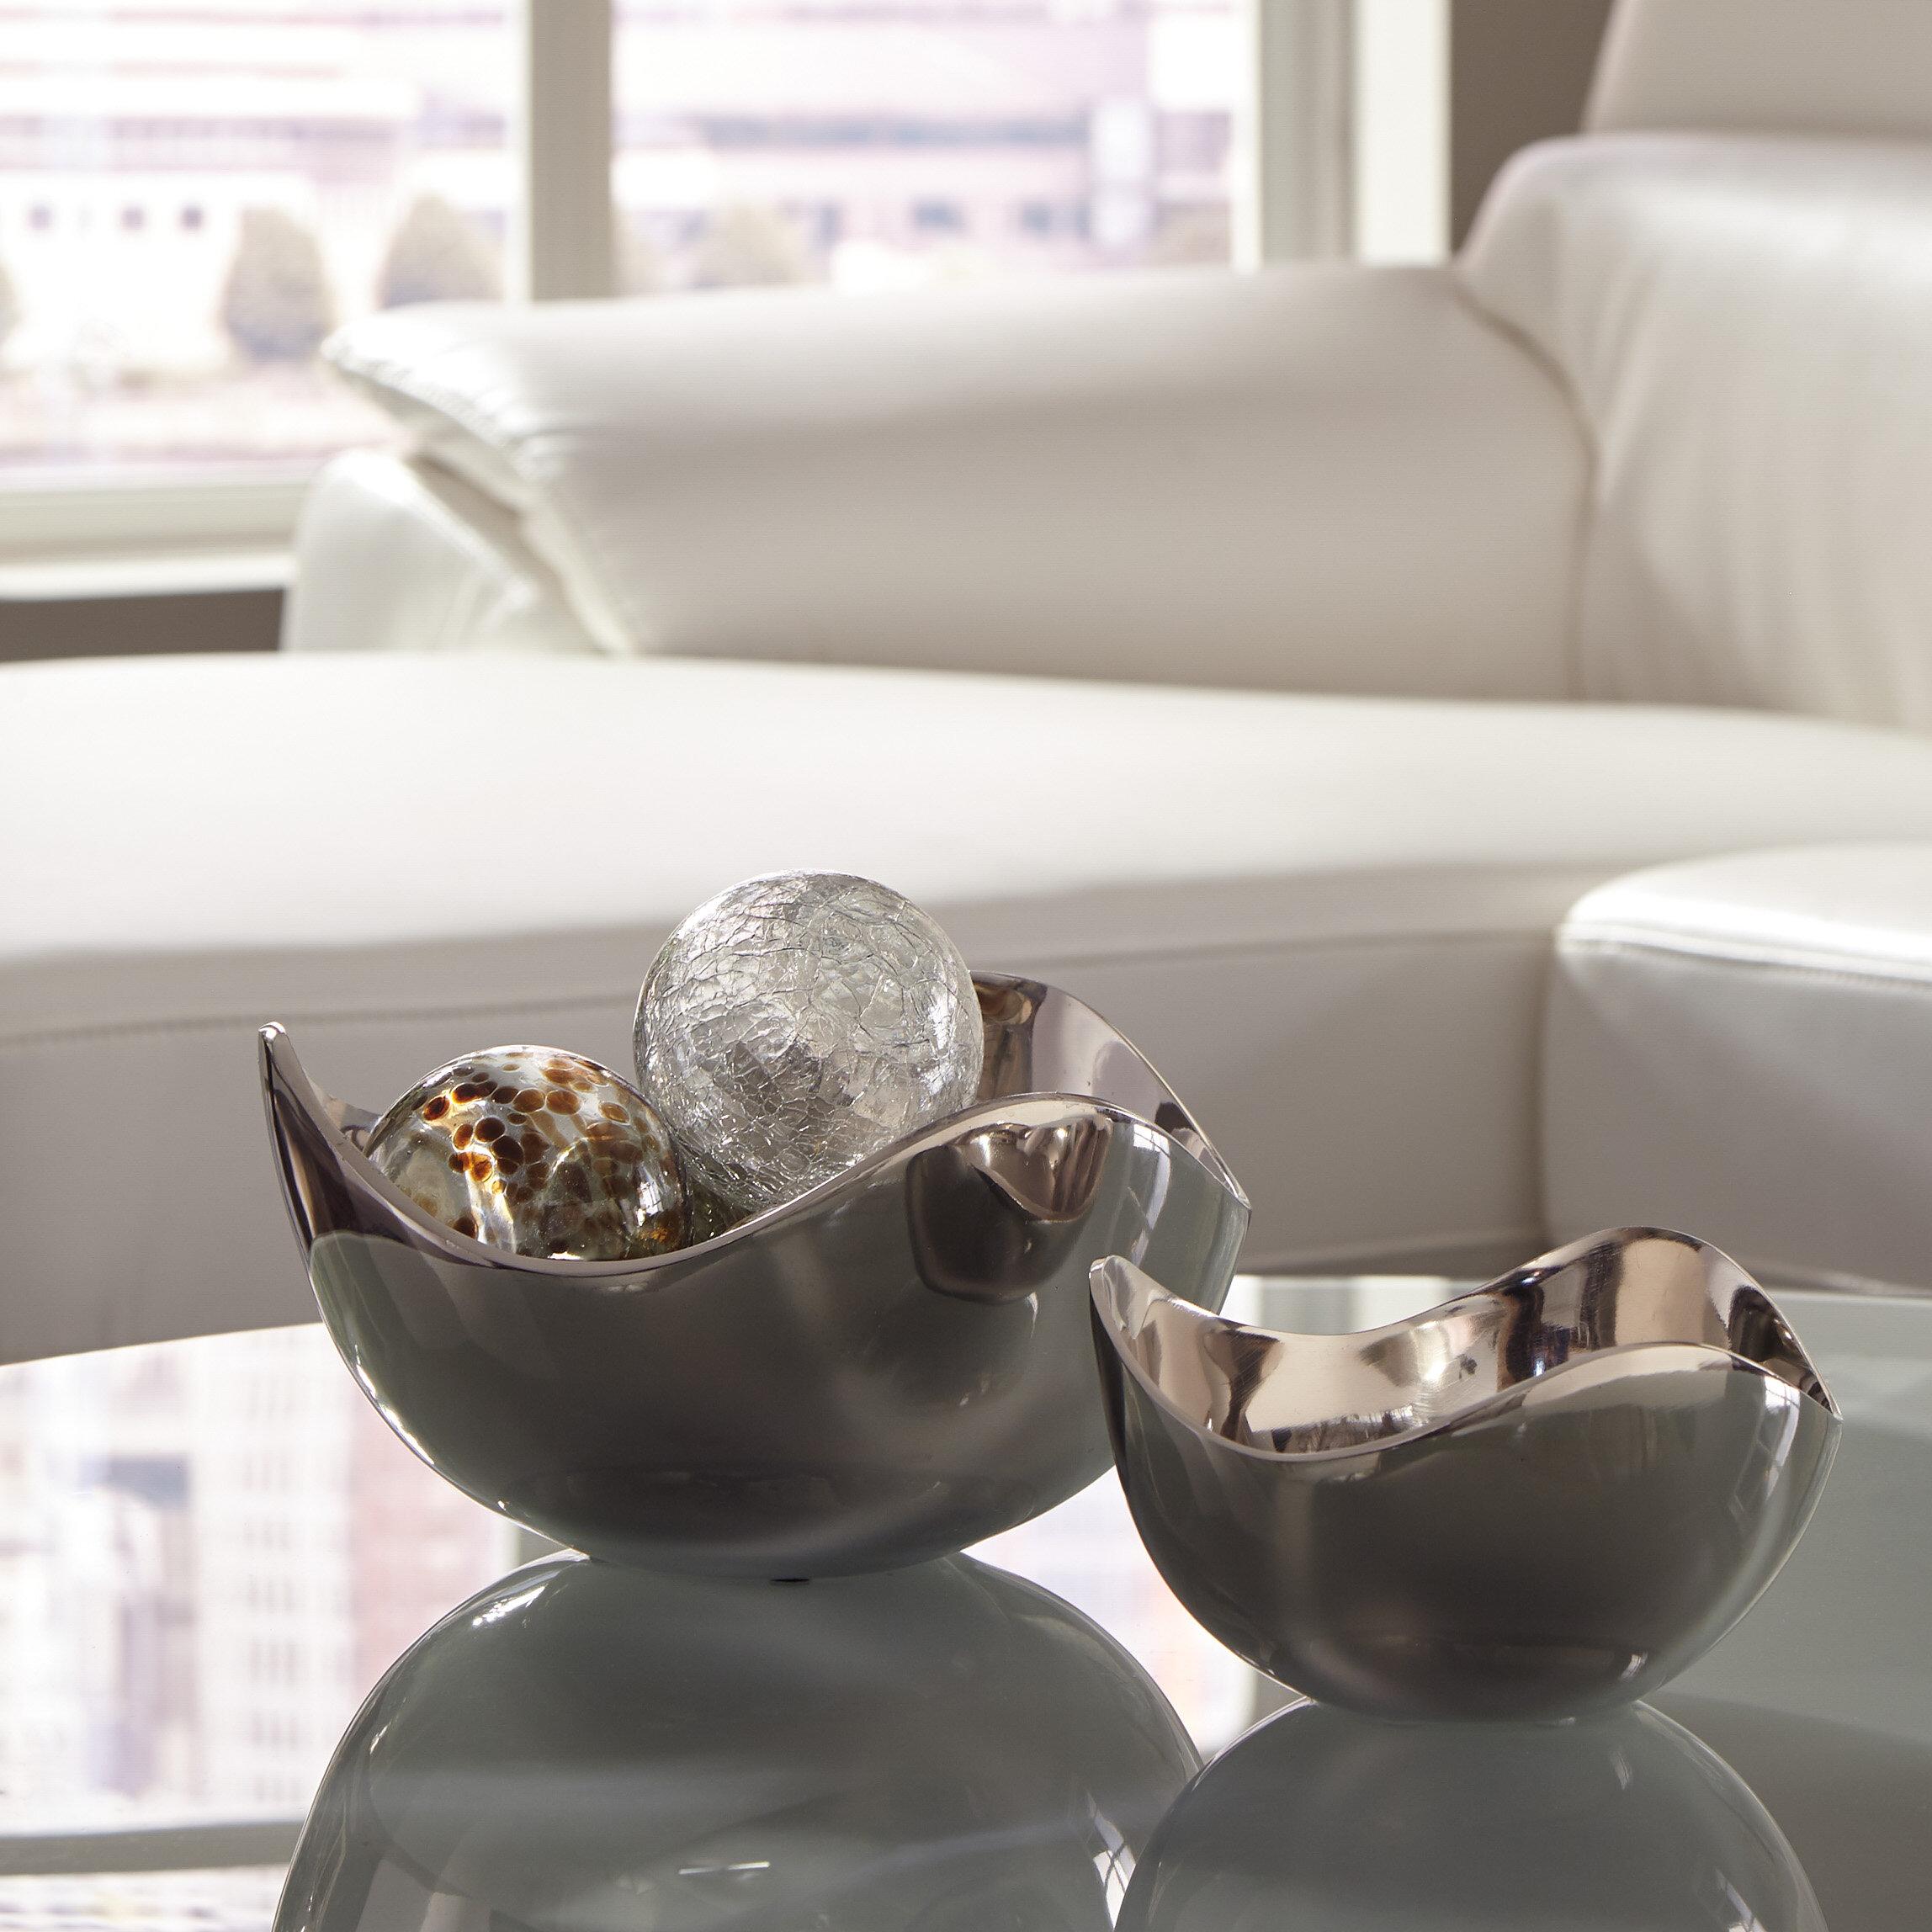 Orren Ellis Alethea 2 Piece Decorative Bowl Set Reviews Wayfair